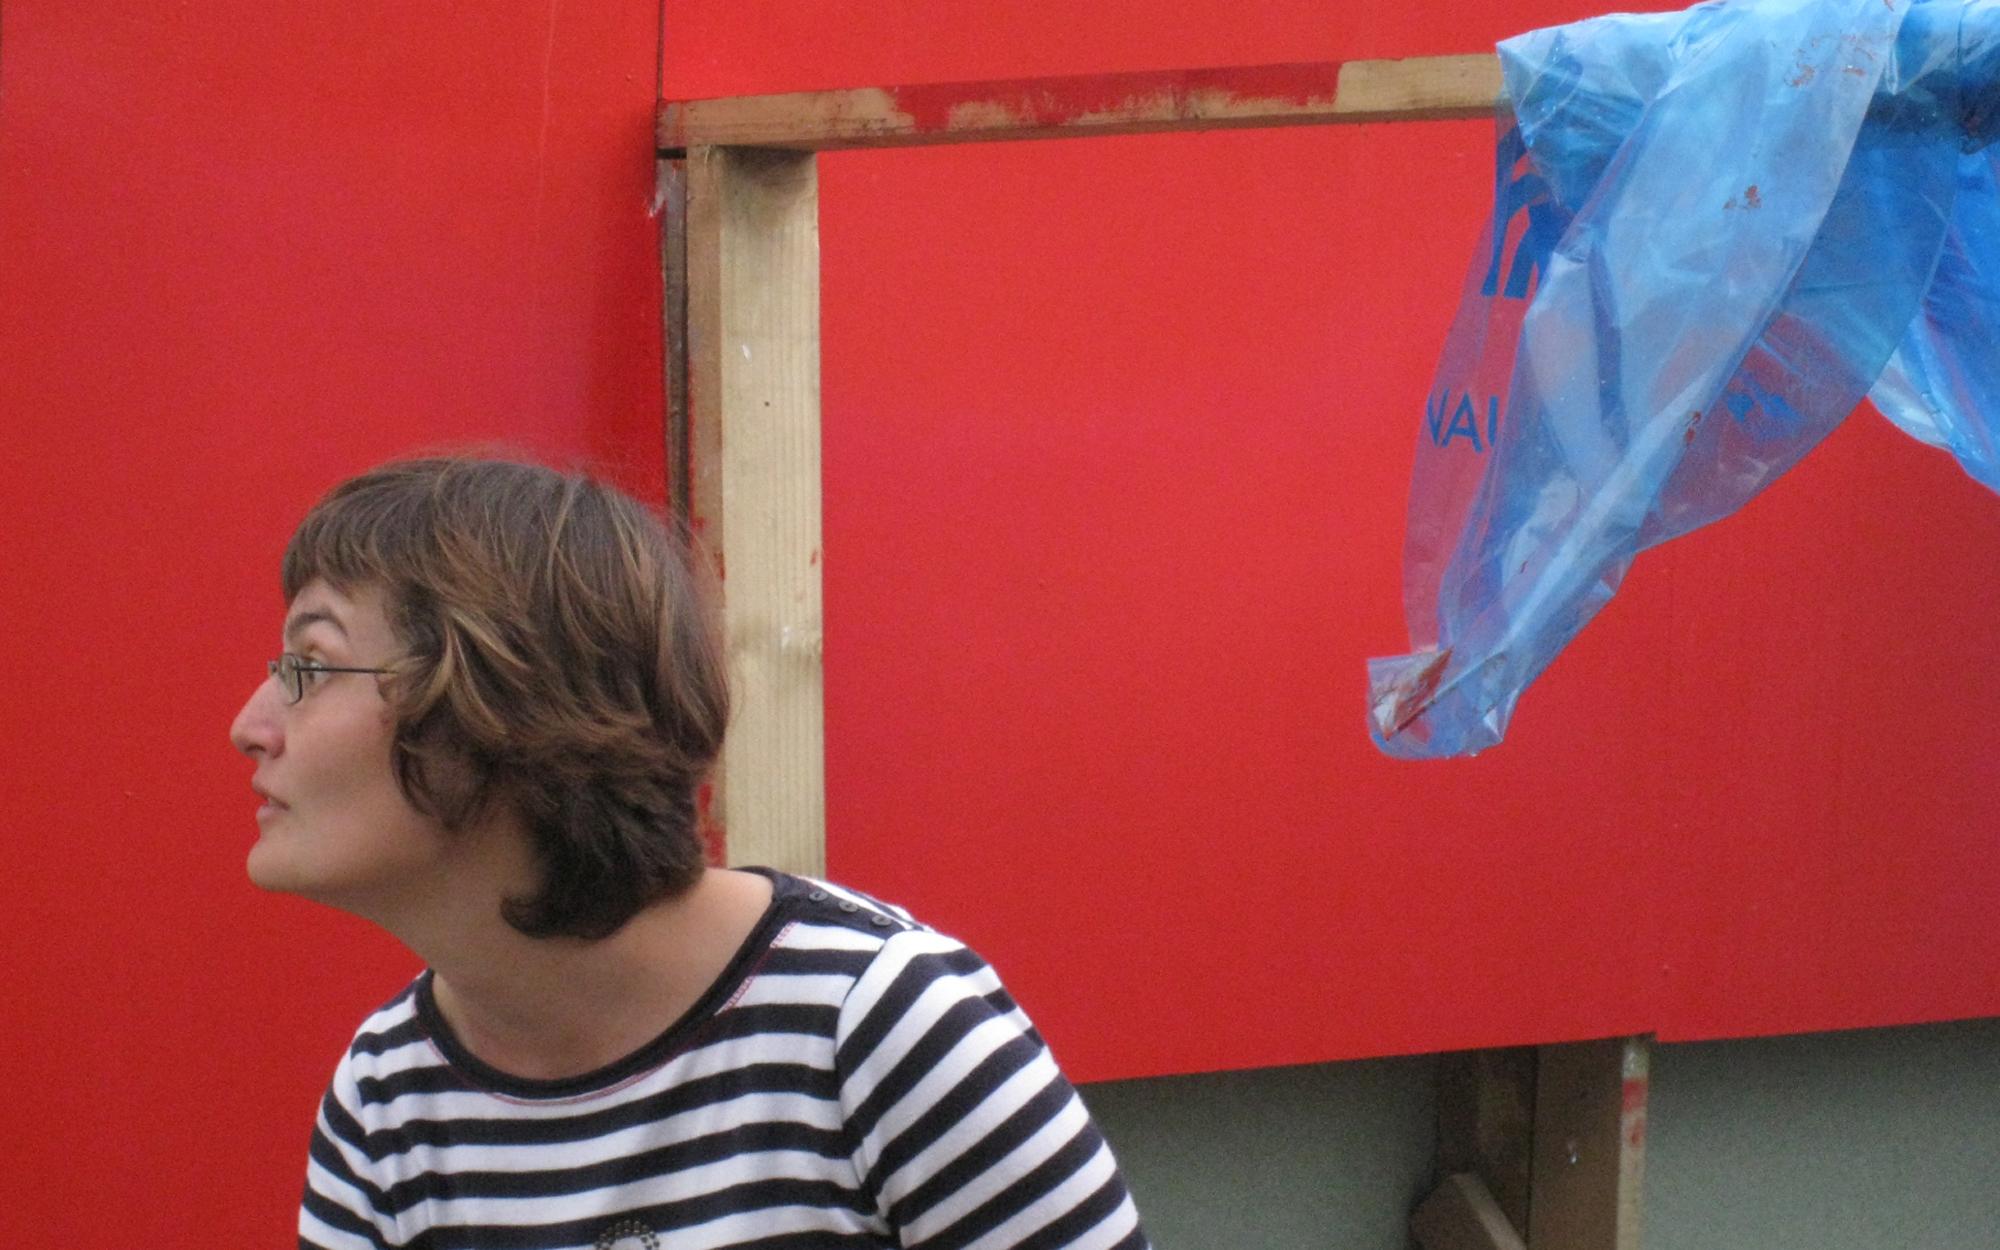 Hélène Soulier paysagiste Bordeaux, enseignante Ecole Nationale Supérieure d'Architecture et du Paysage de Bordeaux, ensapBx, jardins, châteaux, installations, workshops, art et paysage ENSAPBX